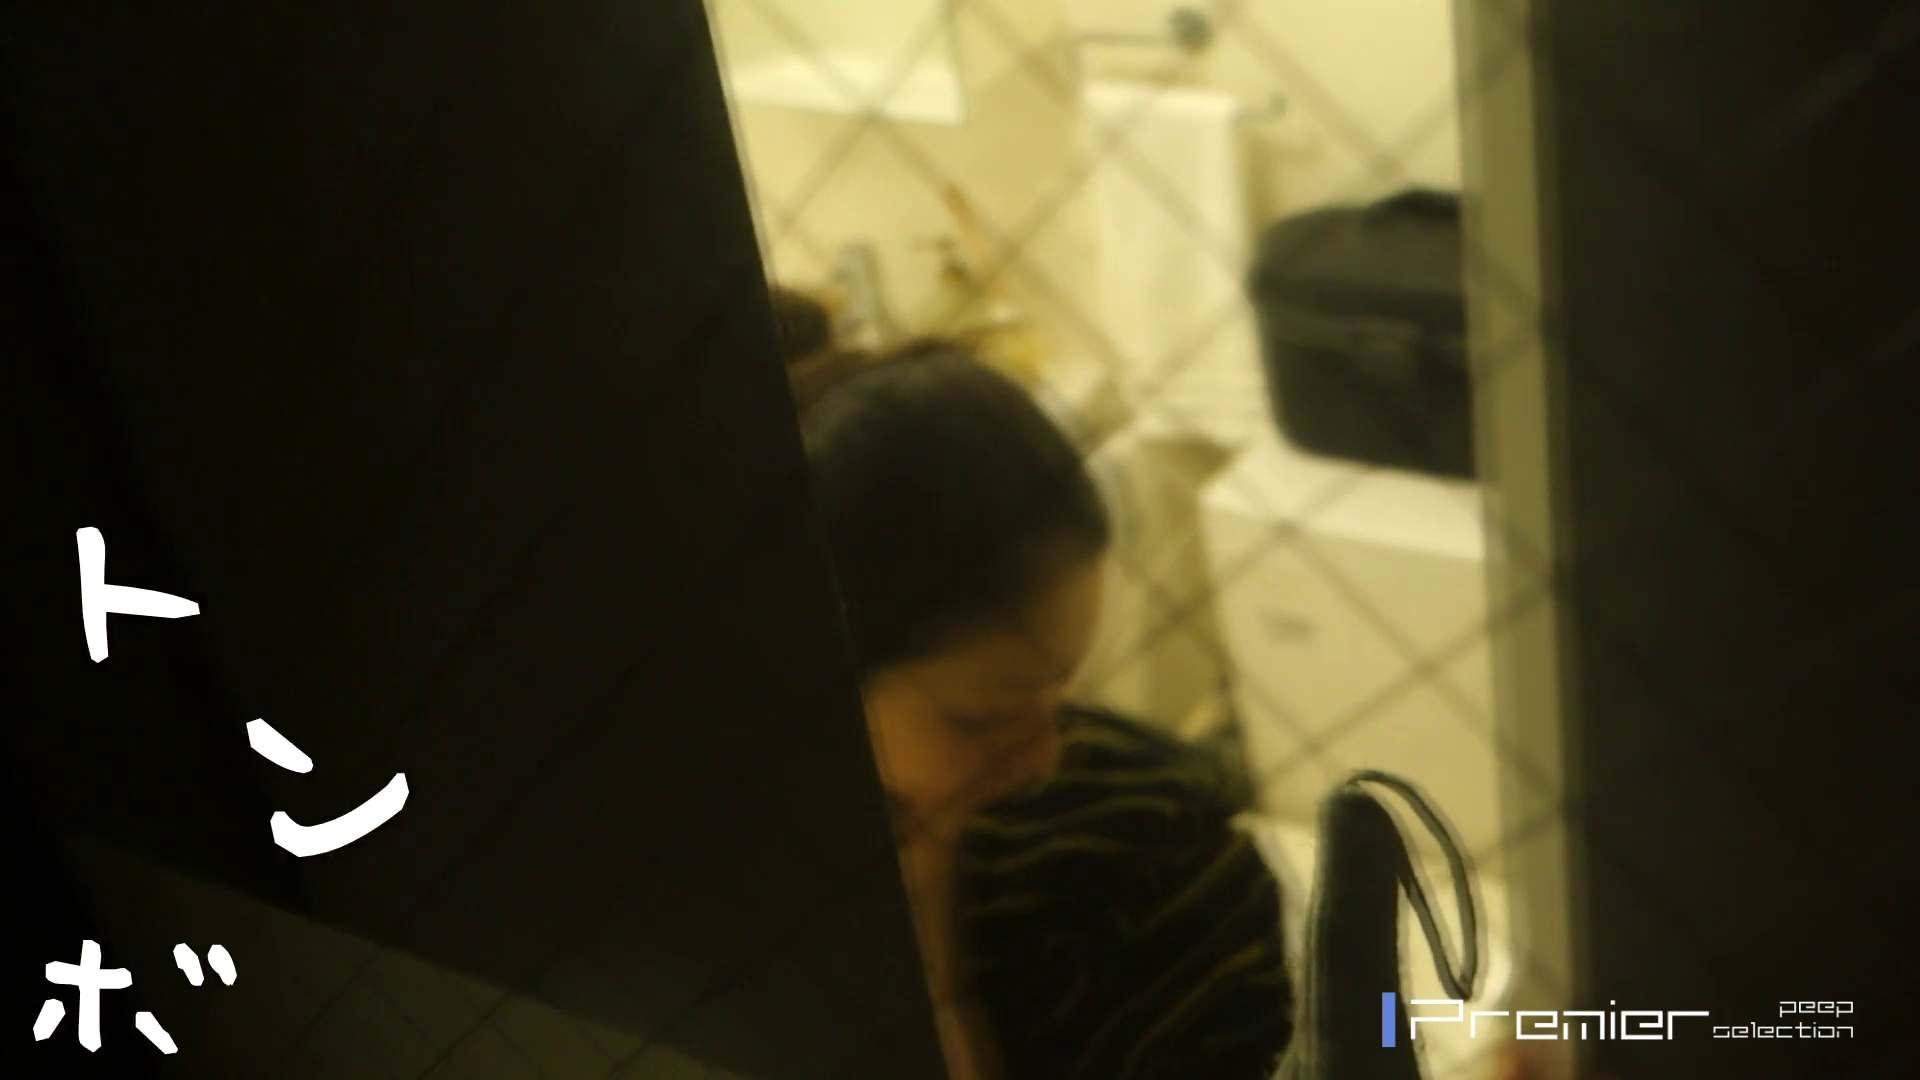 美女達の私生活に潜入!必見!超美形OLの風呂上がり&プライベート プライベート映像お届け | エロくん潜入  56連発 51